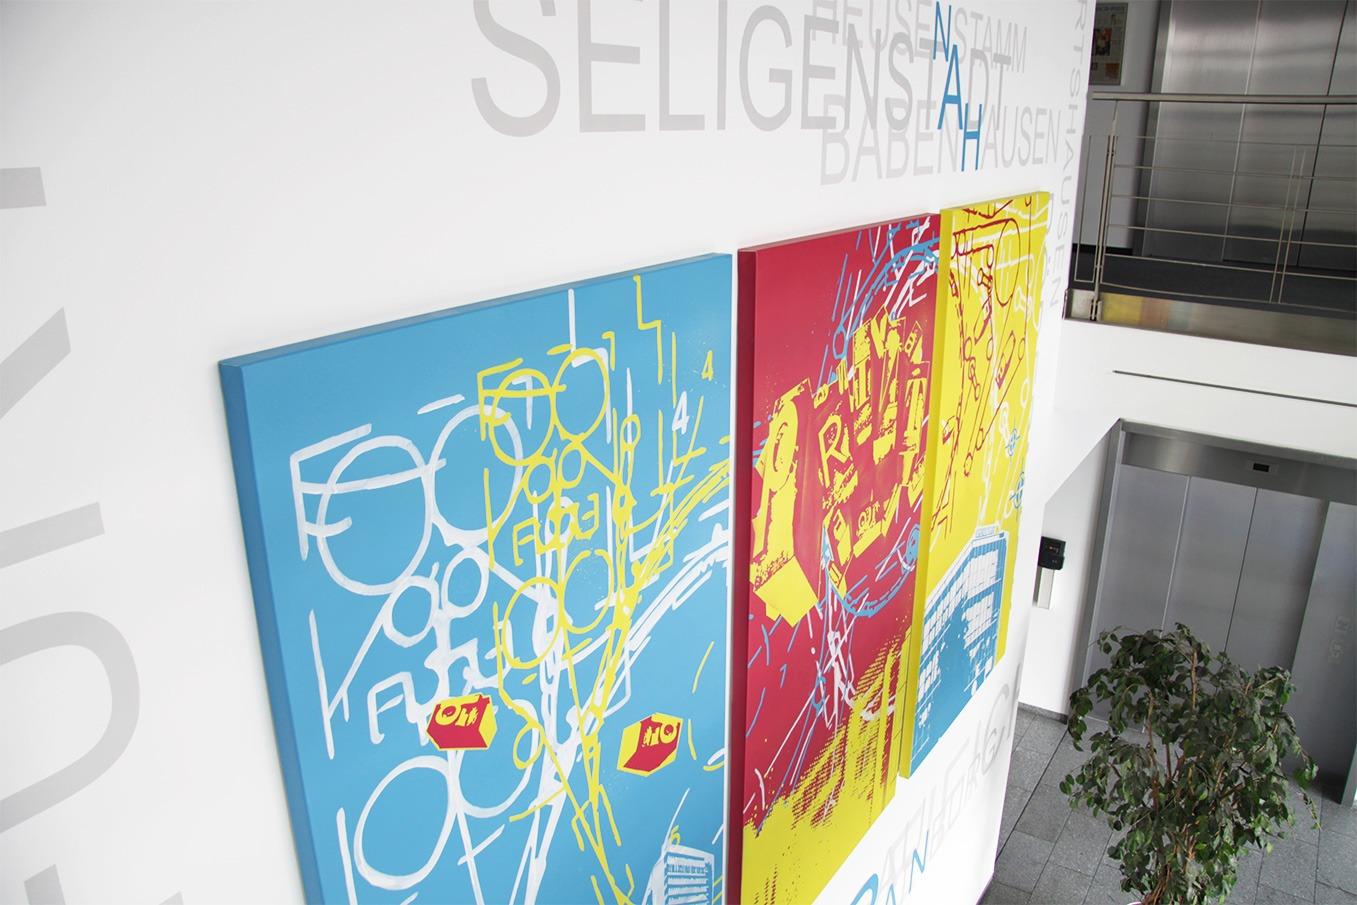 graffitiauftrag-graffitikuenstler-artmos4-offenbach-post-wandbild-bunt-grafisch-abstrakt